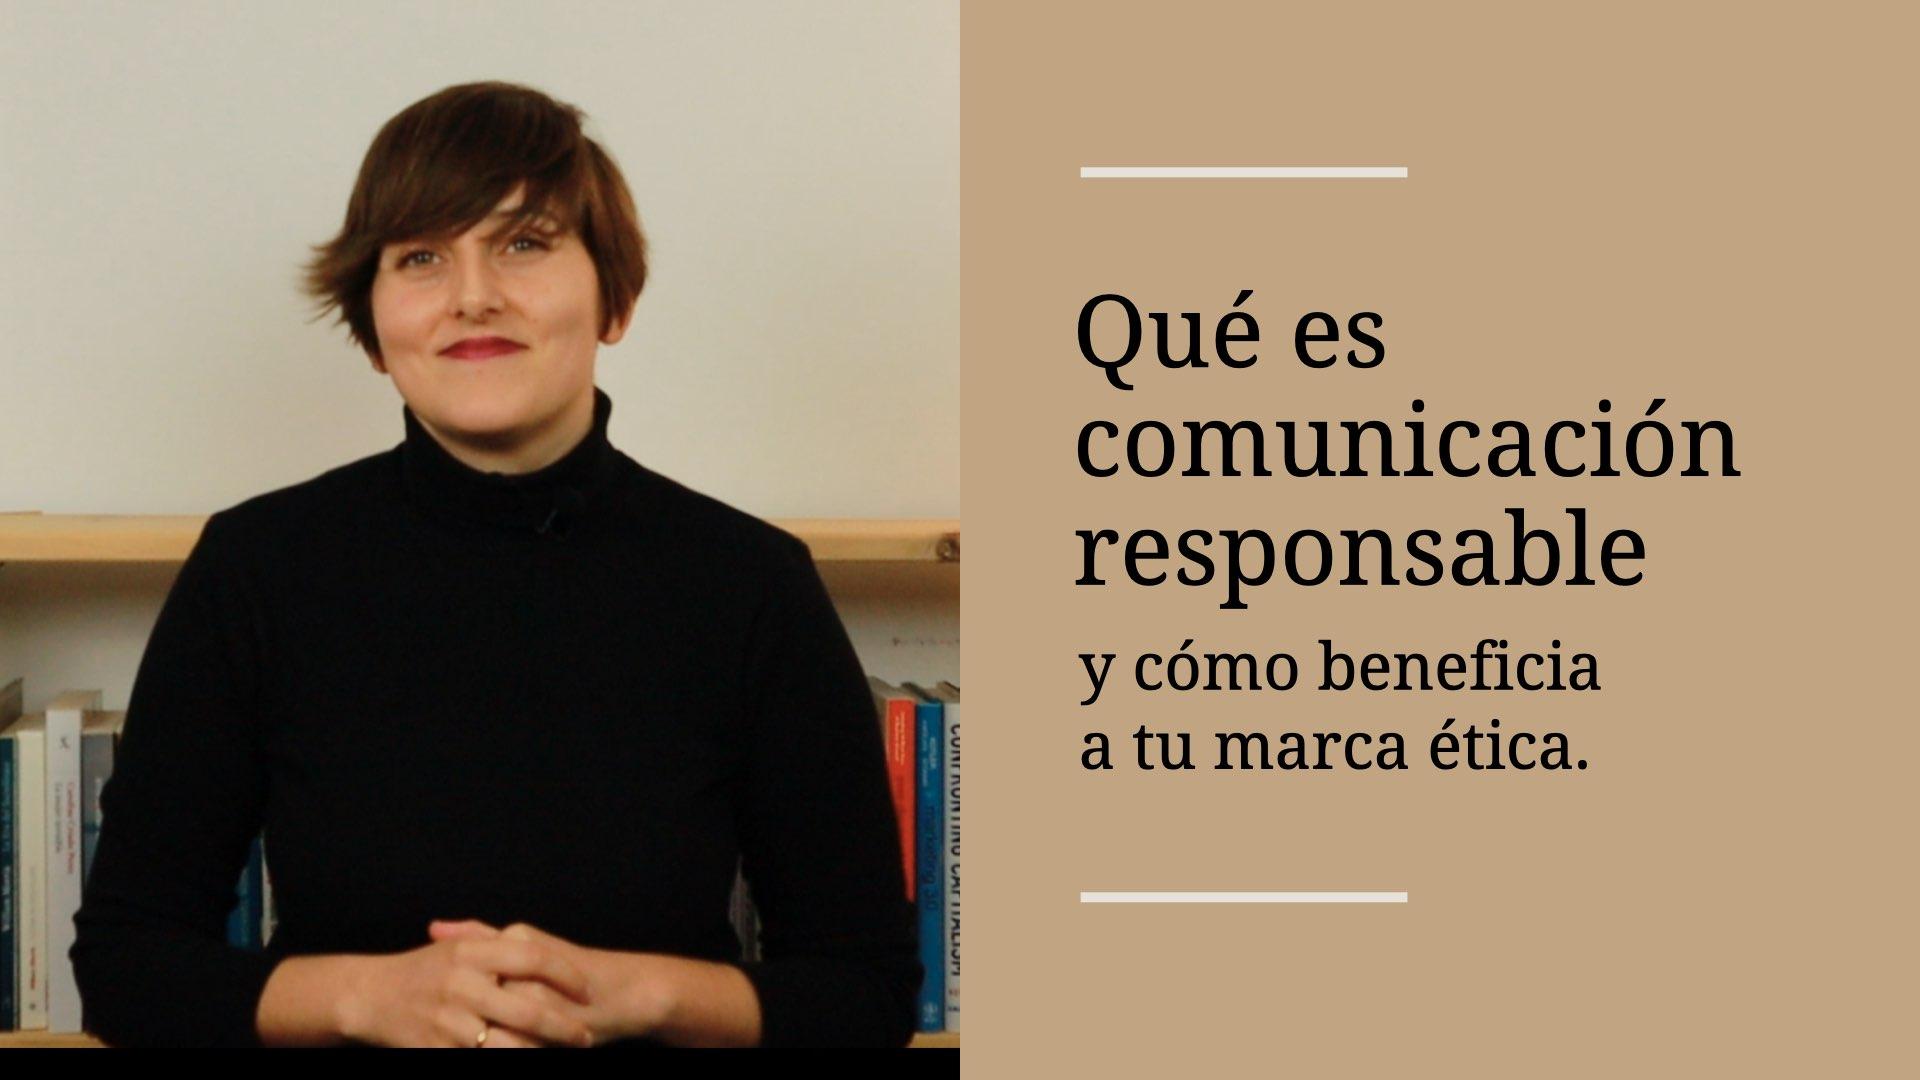 que-es-la-comunicacion-responsable-alba-sueiro-roman-blog